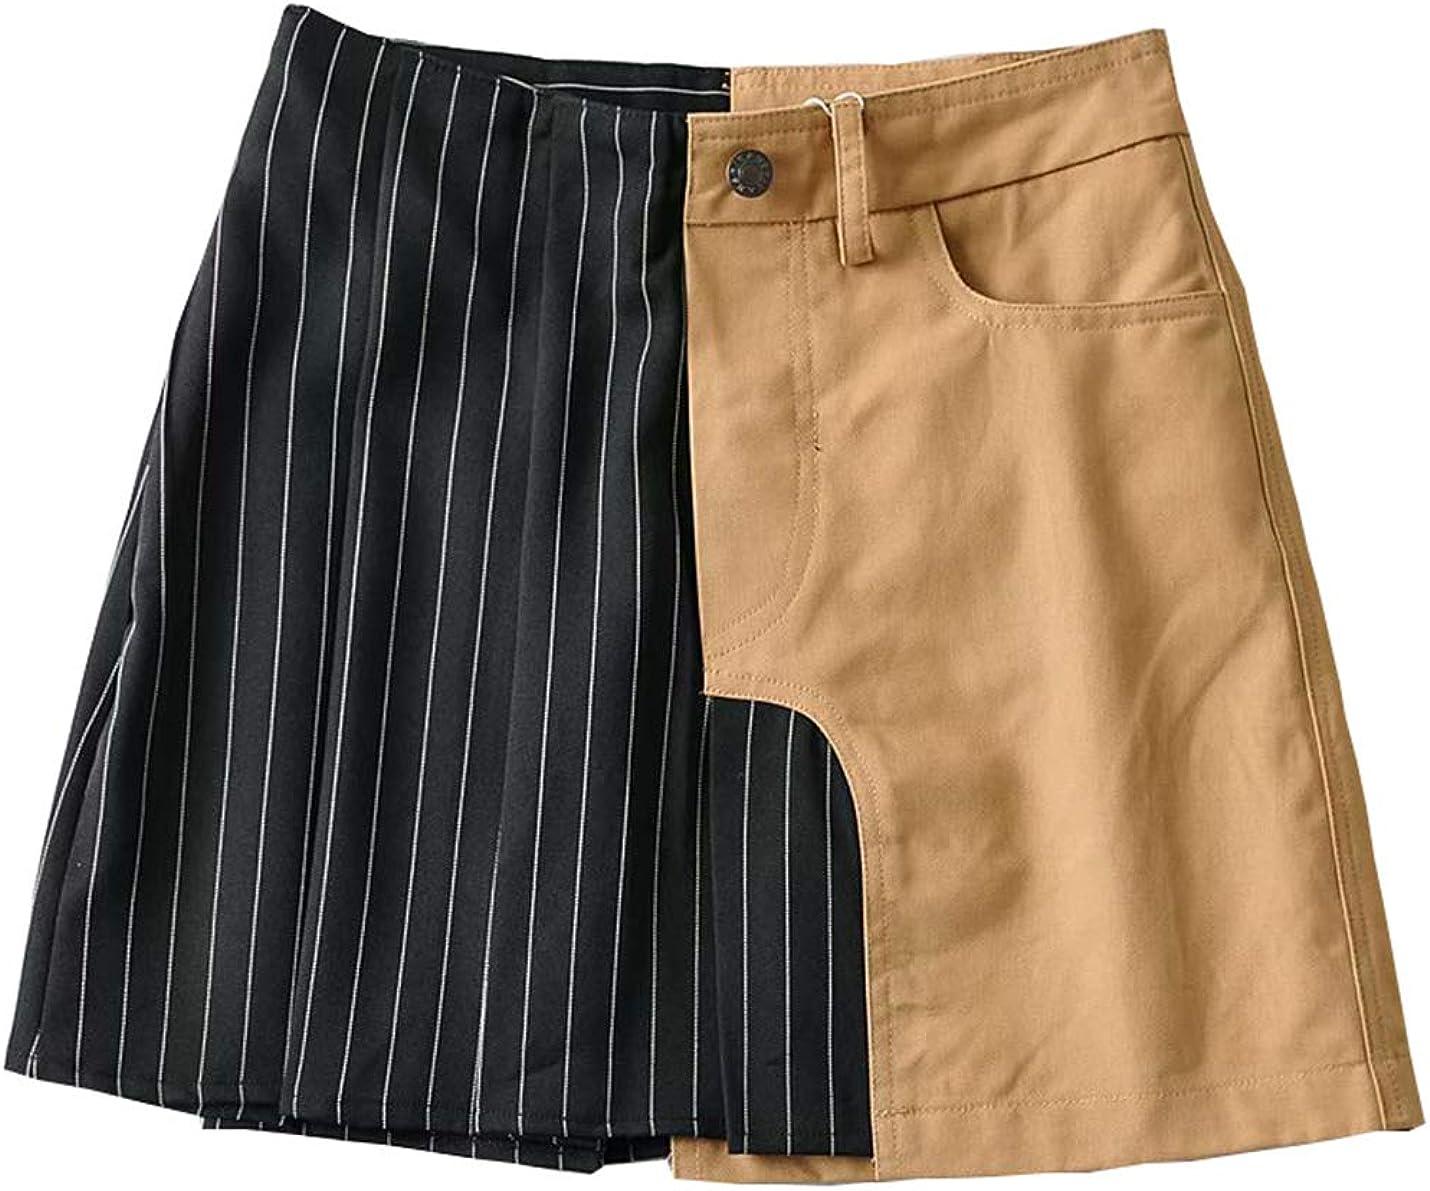 PAODIKUAI Women Casual Stripe Color Patch High Waisted A Line Skirts